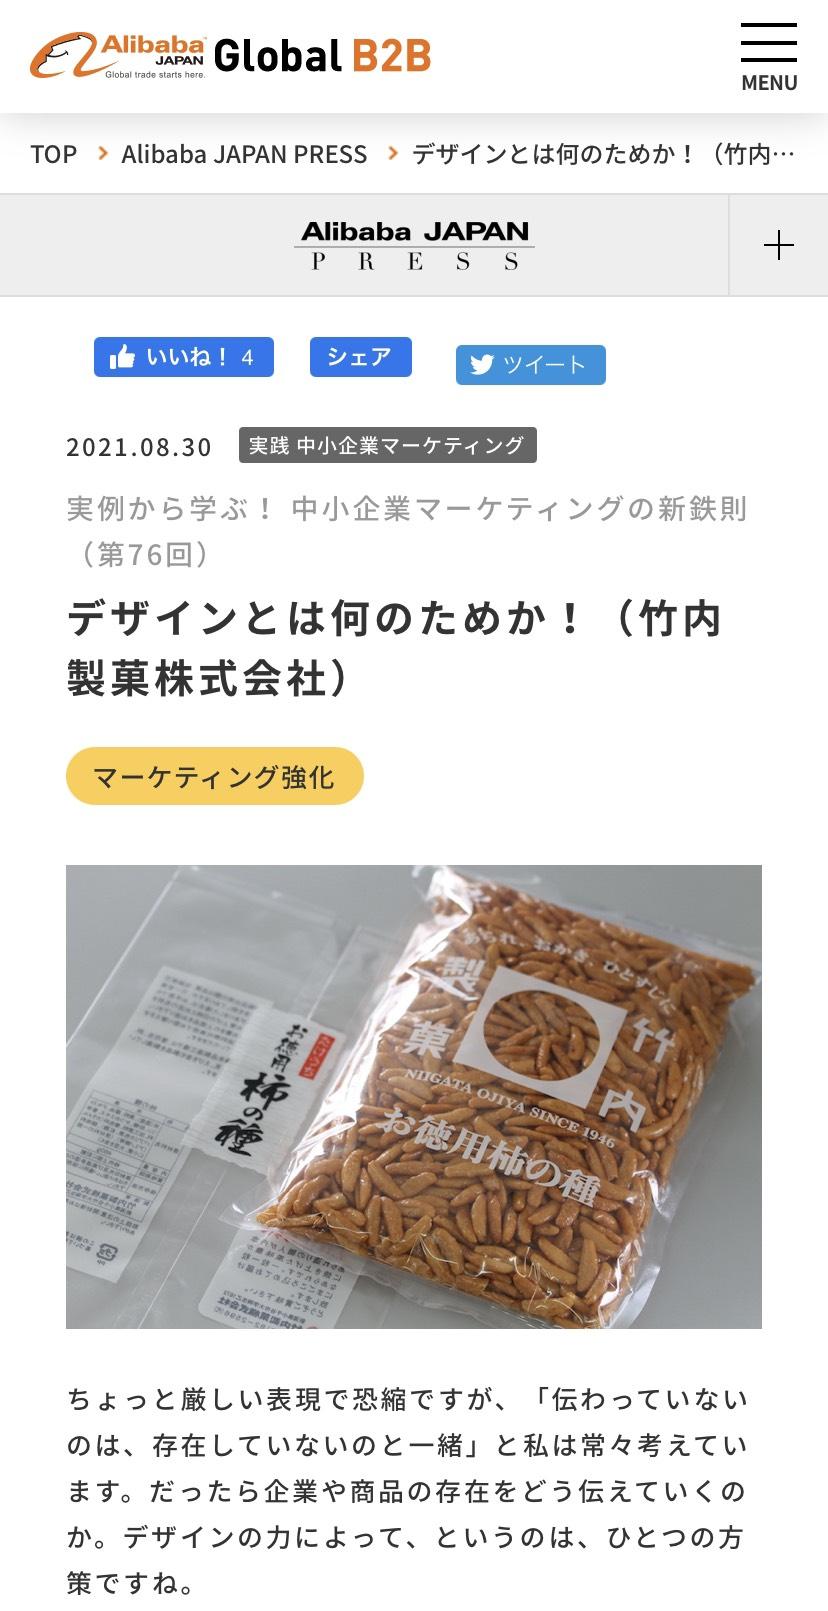 アリババジャパンプレスに記事が掲載されました。